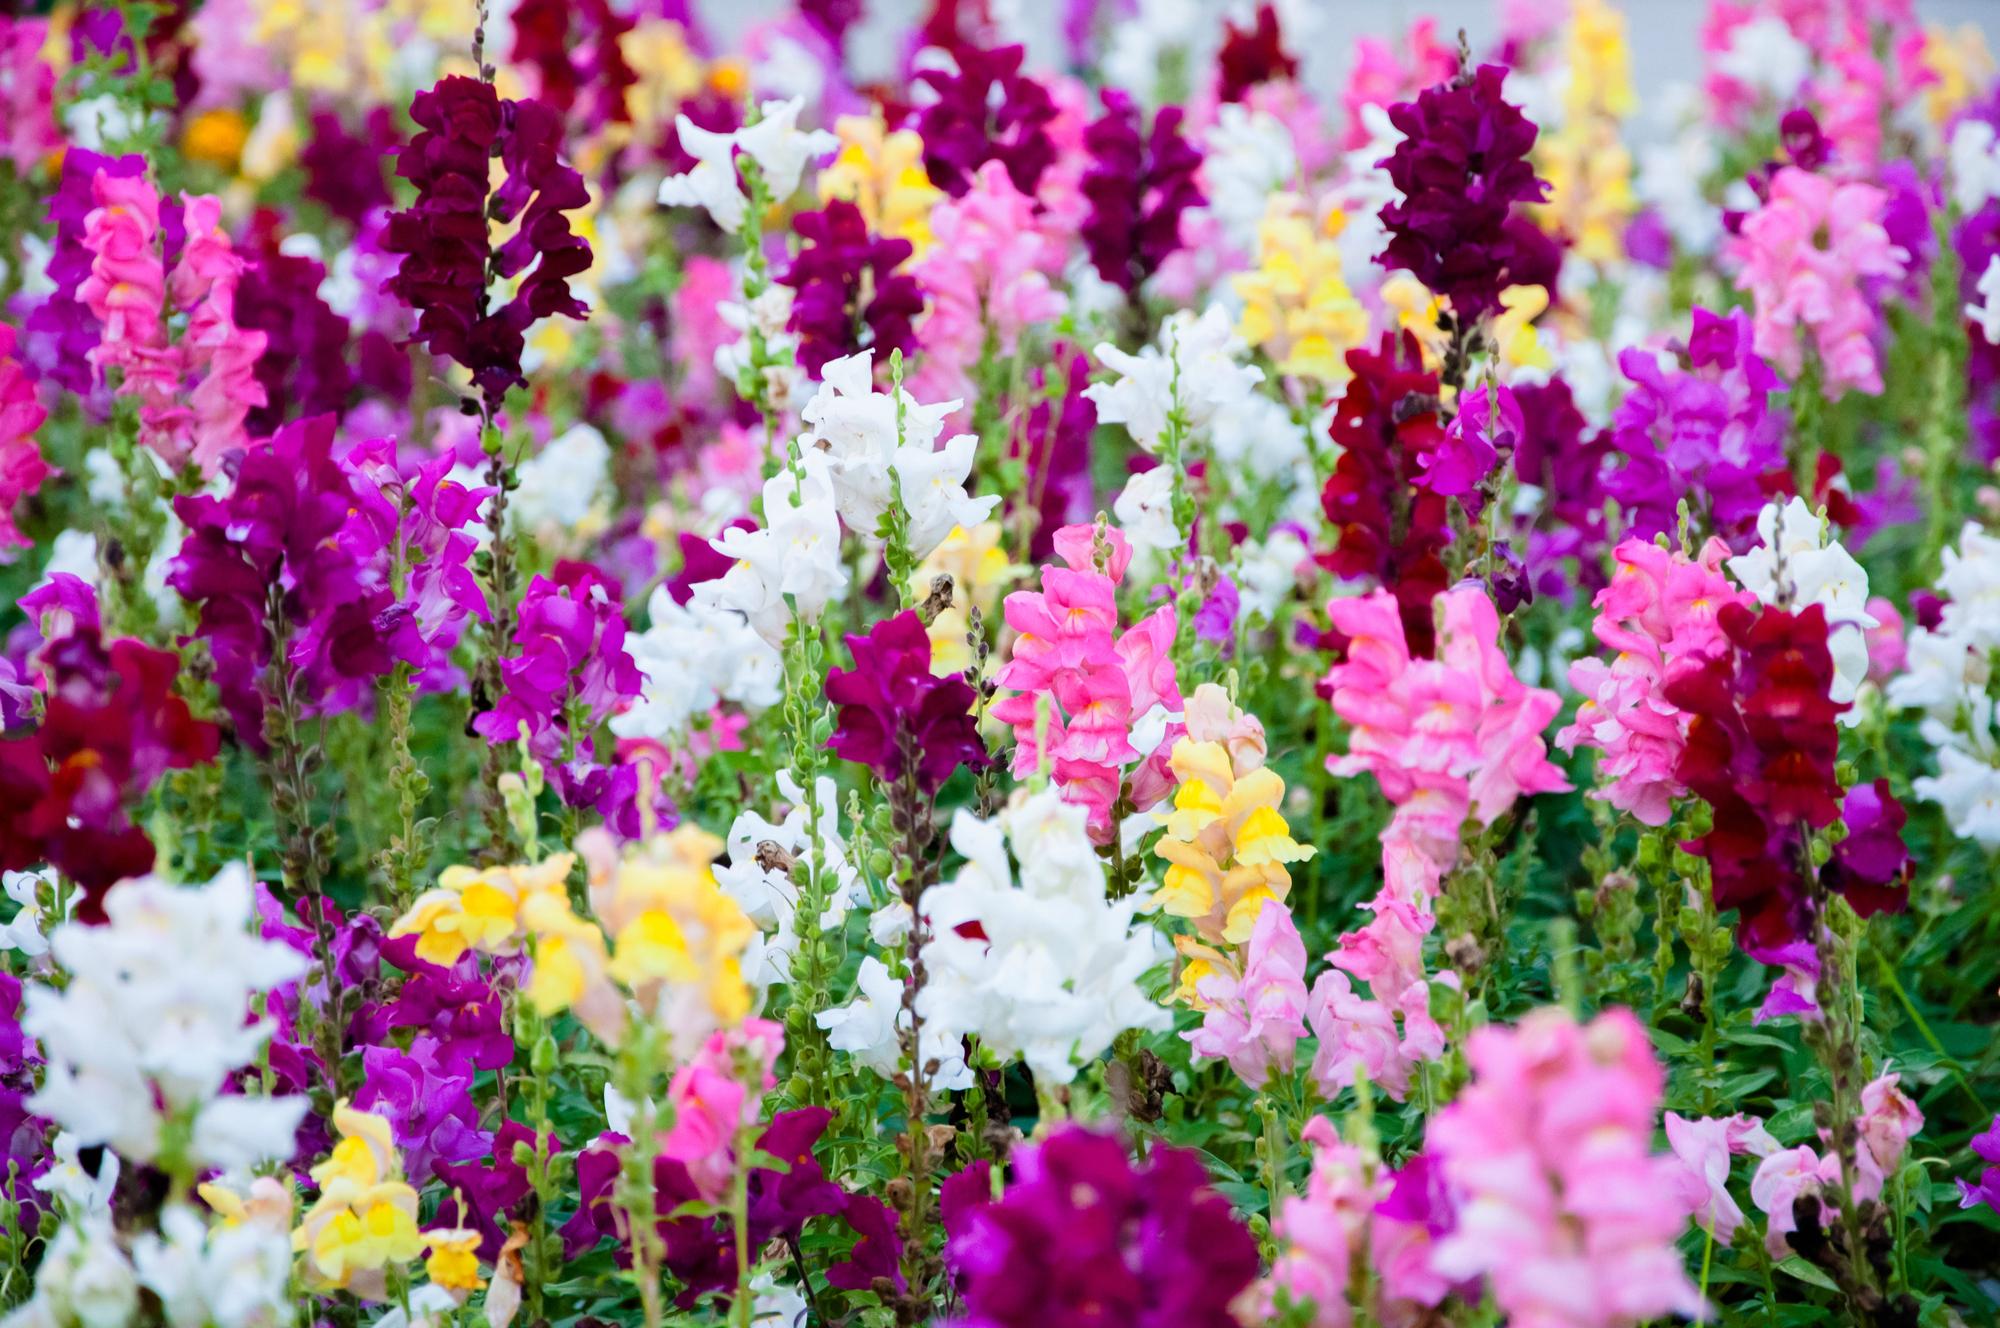 fleurs de mufliers colorés dans le jardin